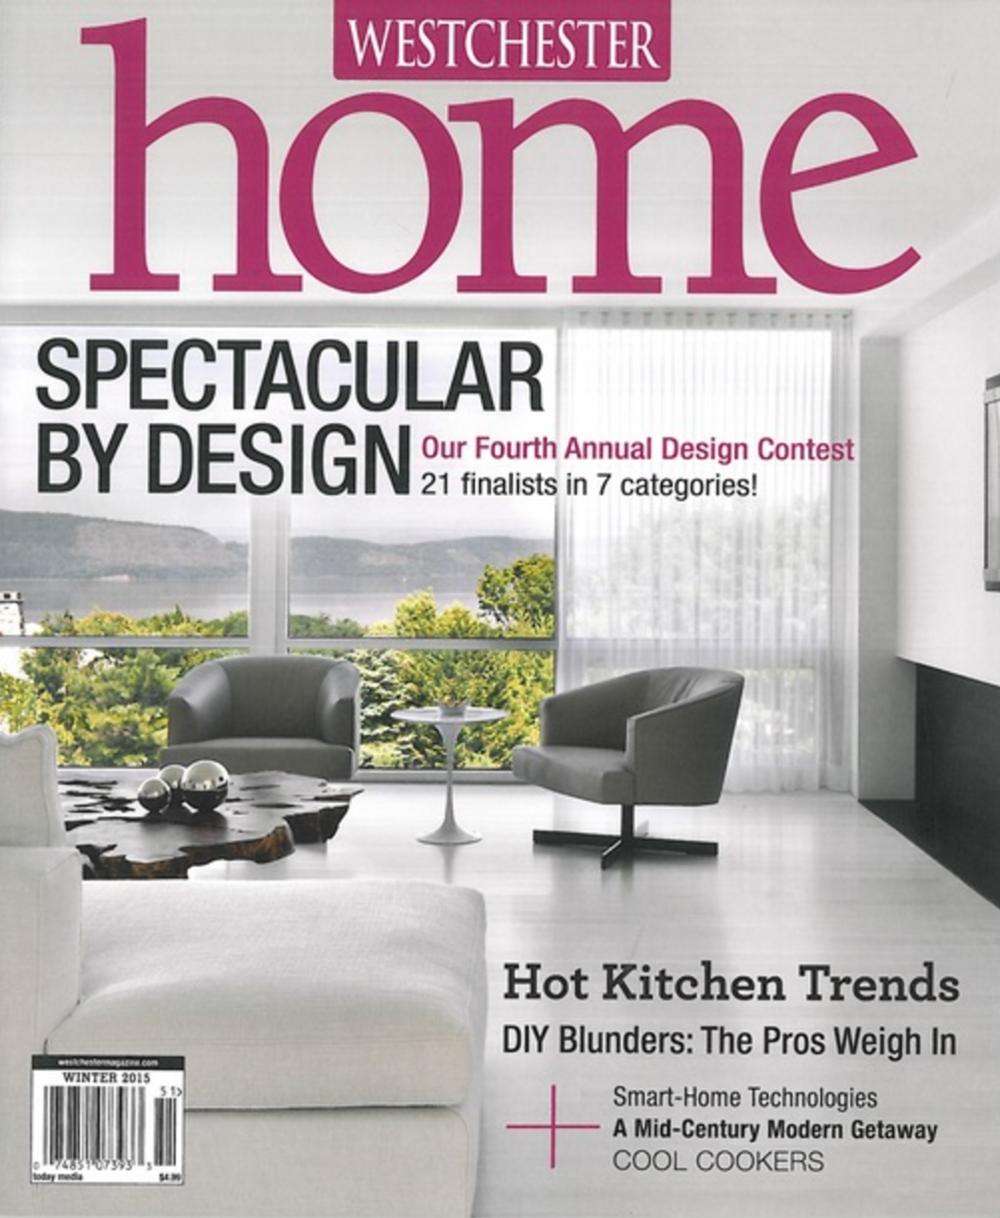 Westchester Home Magazine 2015 Design Finalist